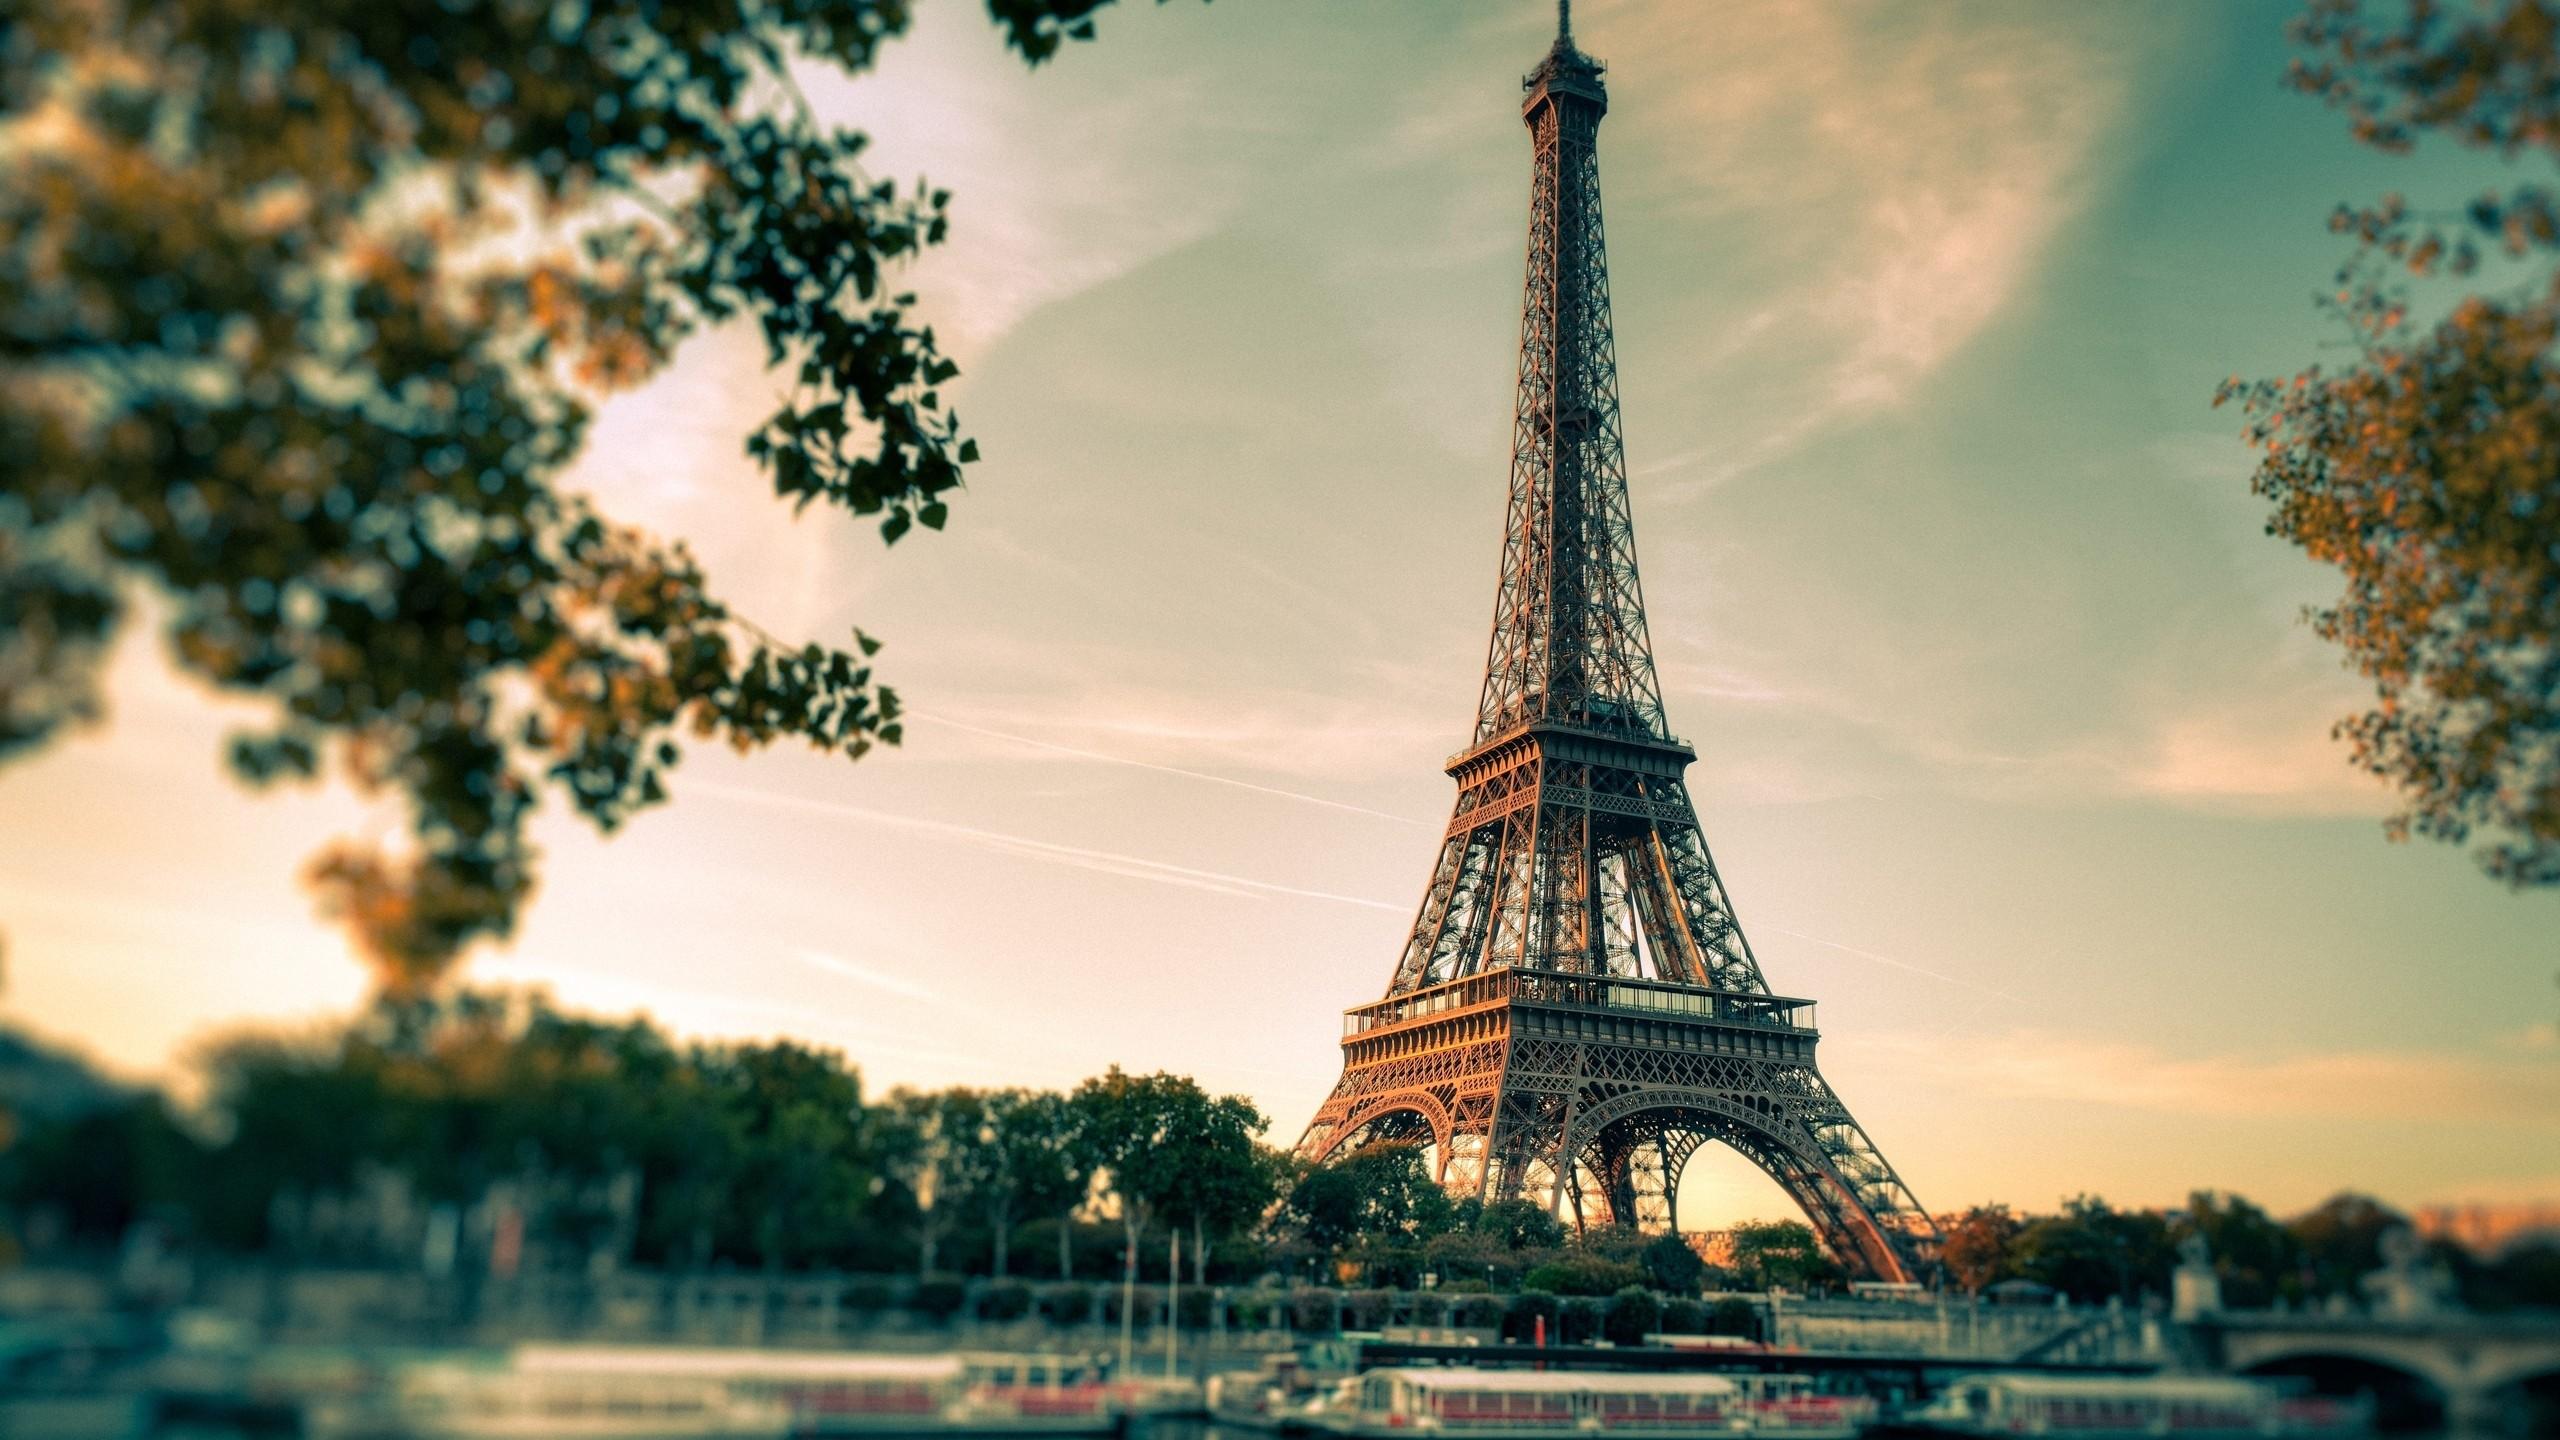 Paris hd wallpaper wallpapersafari for Fond ecran paris